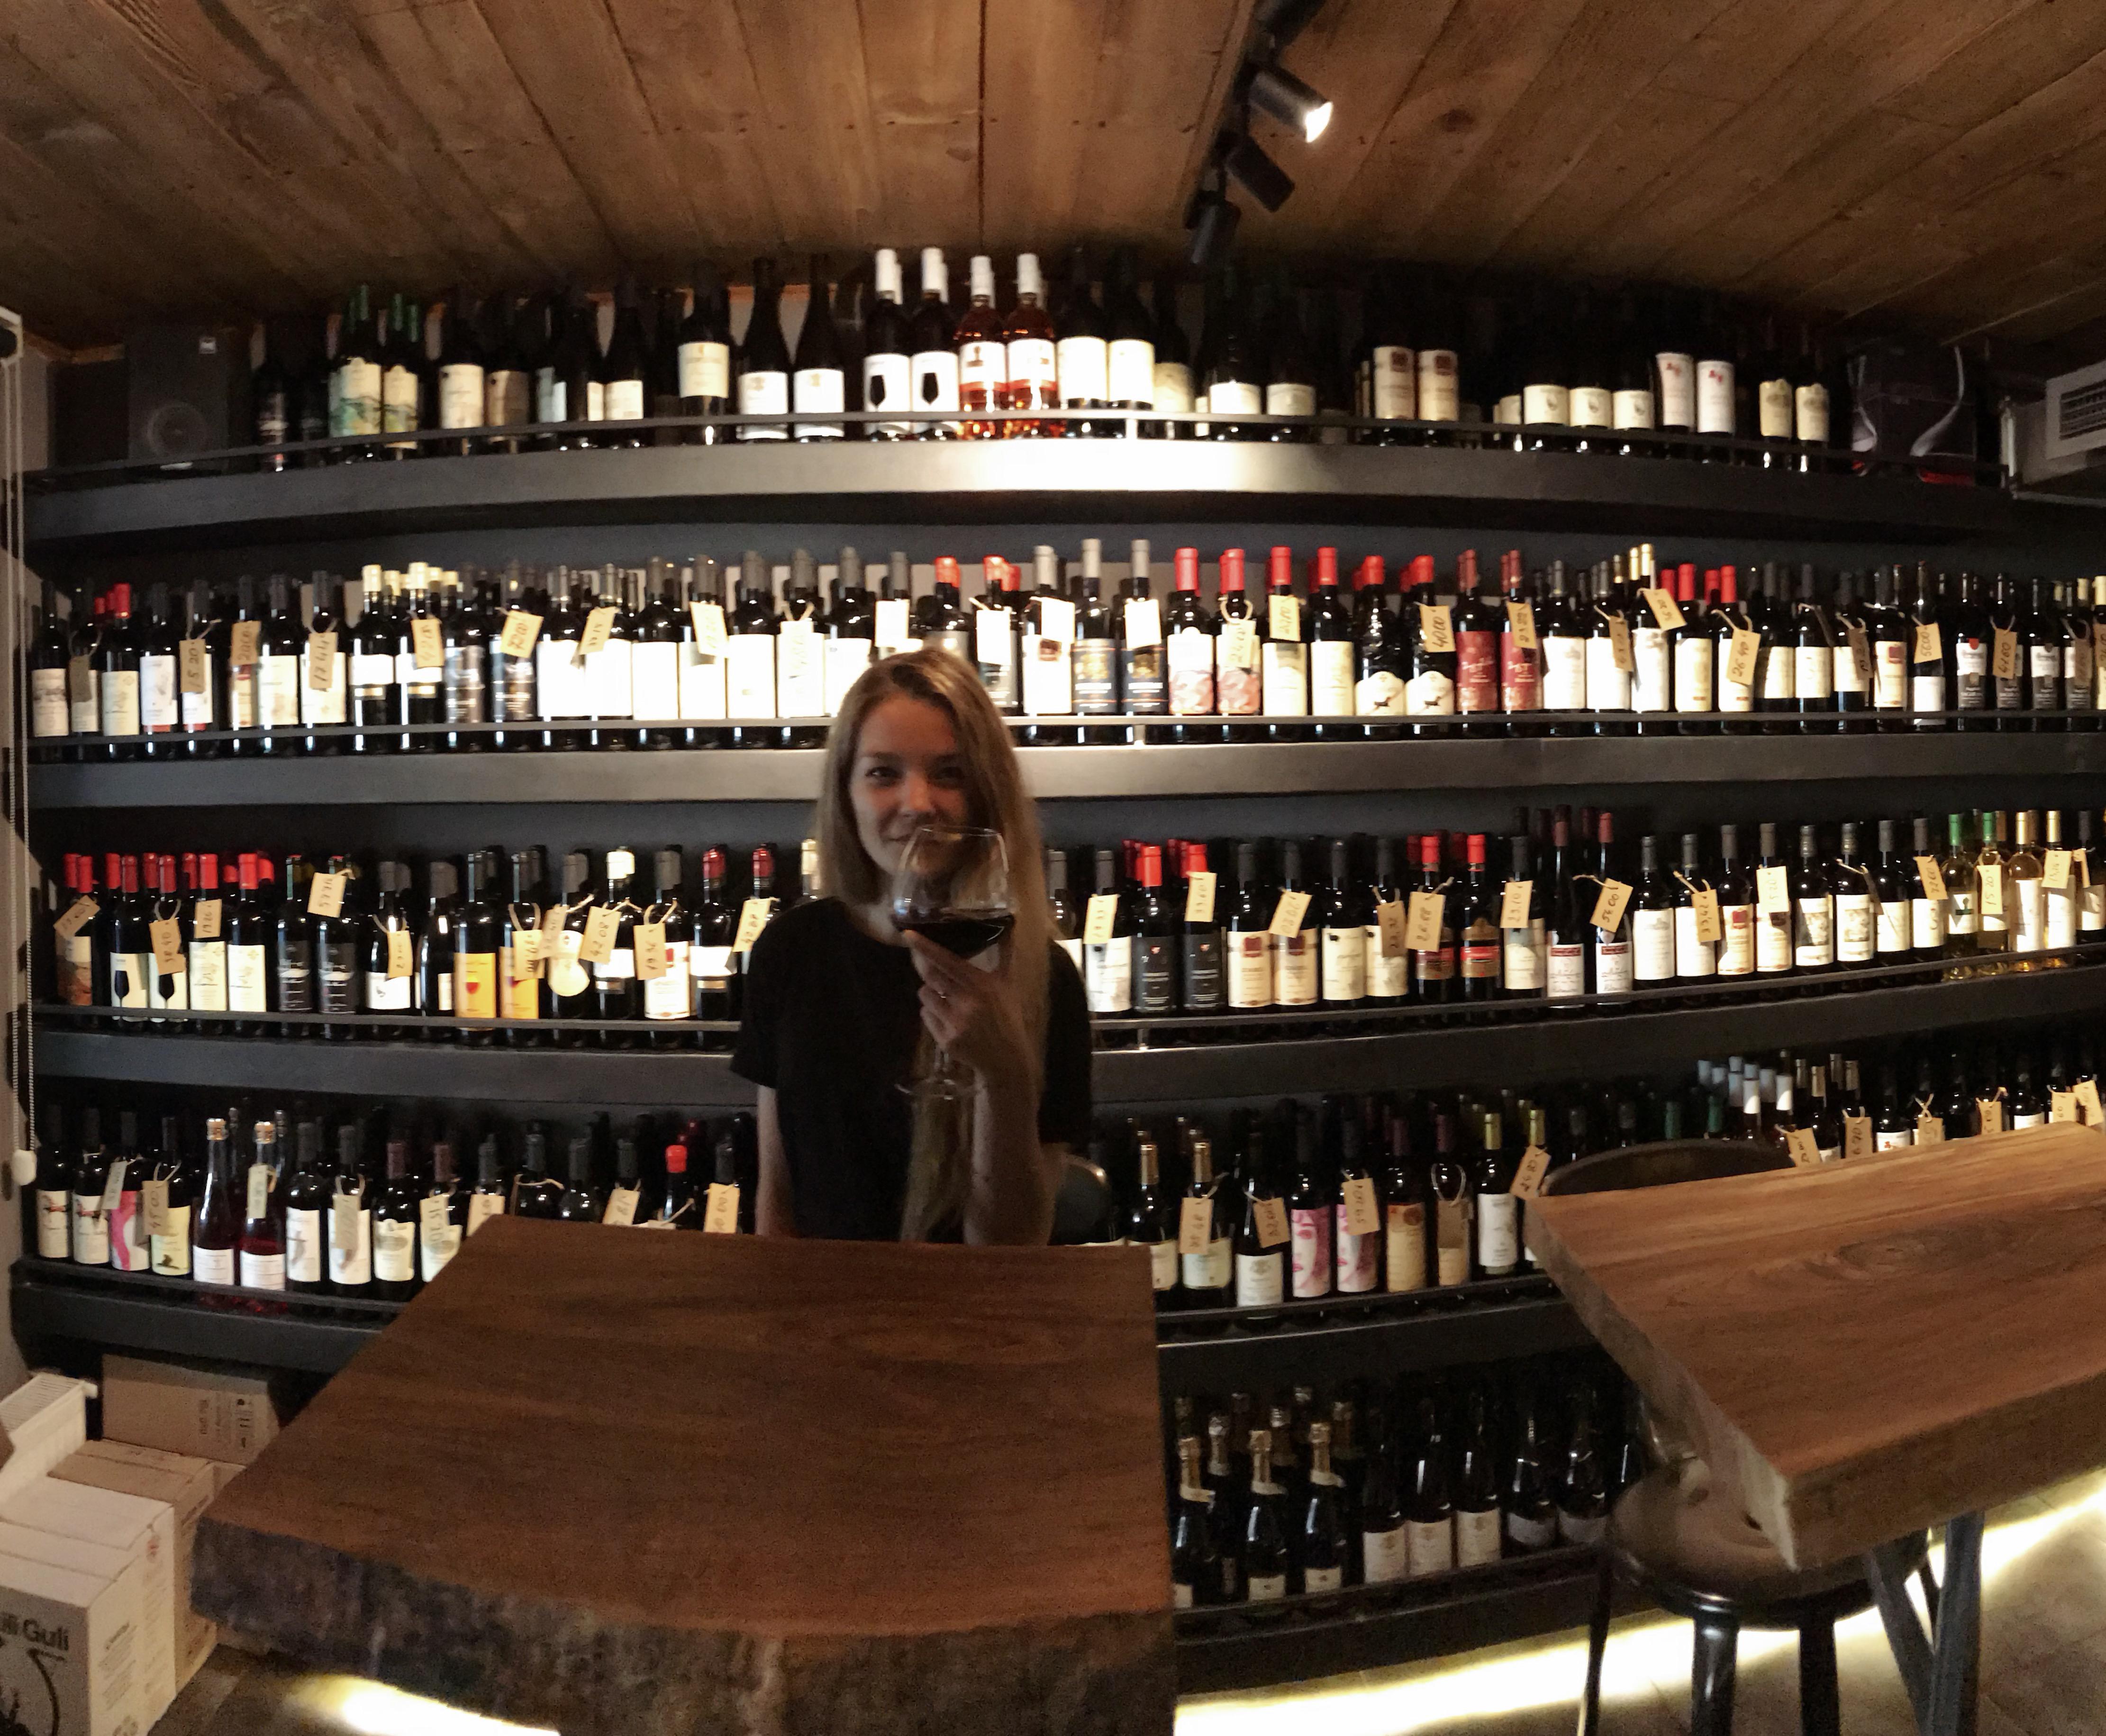 IMG 4465 #туризм DecanTer, Famous, вино, грузинская кухня, грузинское вино, Грузия, еда, кулинария, кухня, тбилиси